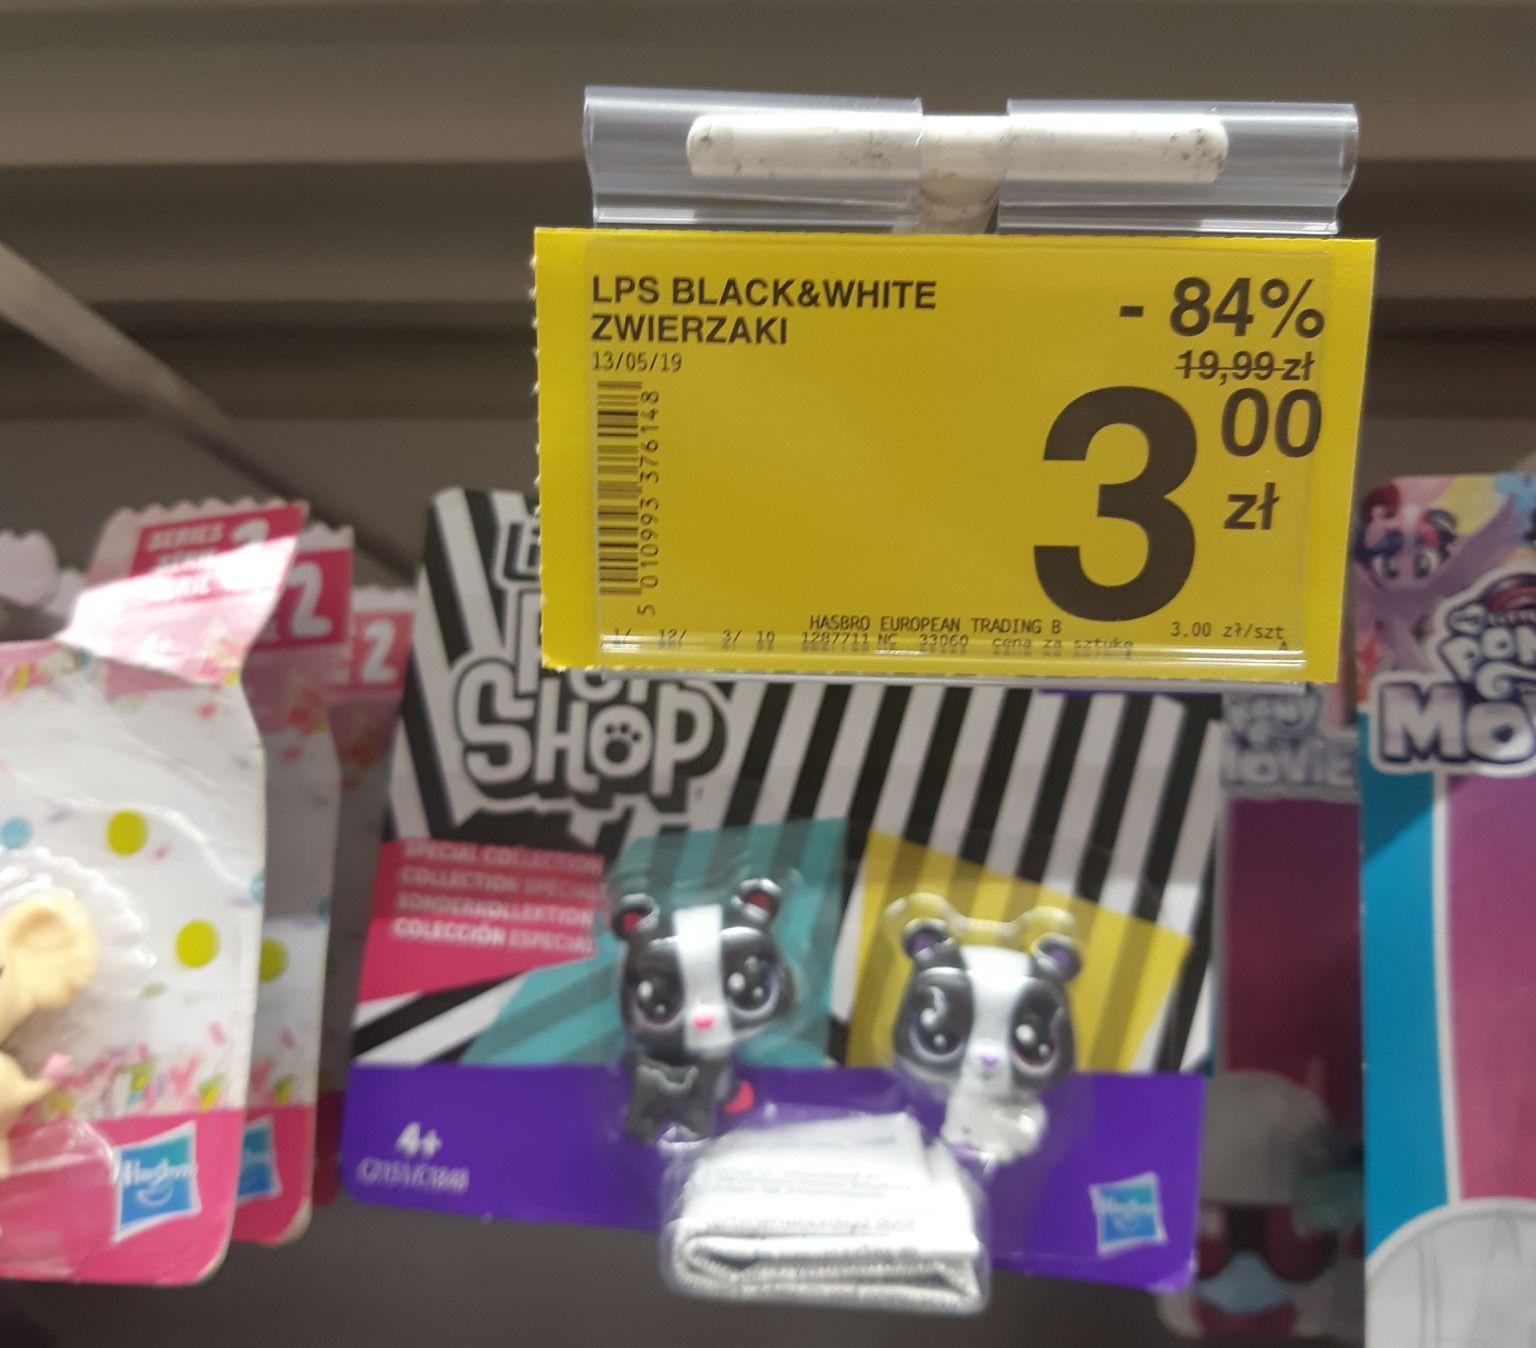 Little Pet Shop Black&White Zwierzaki - Carrefour